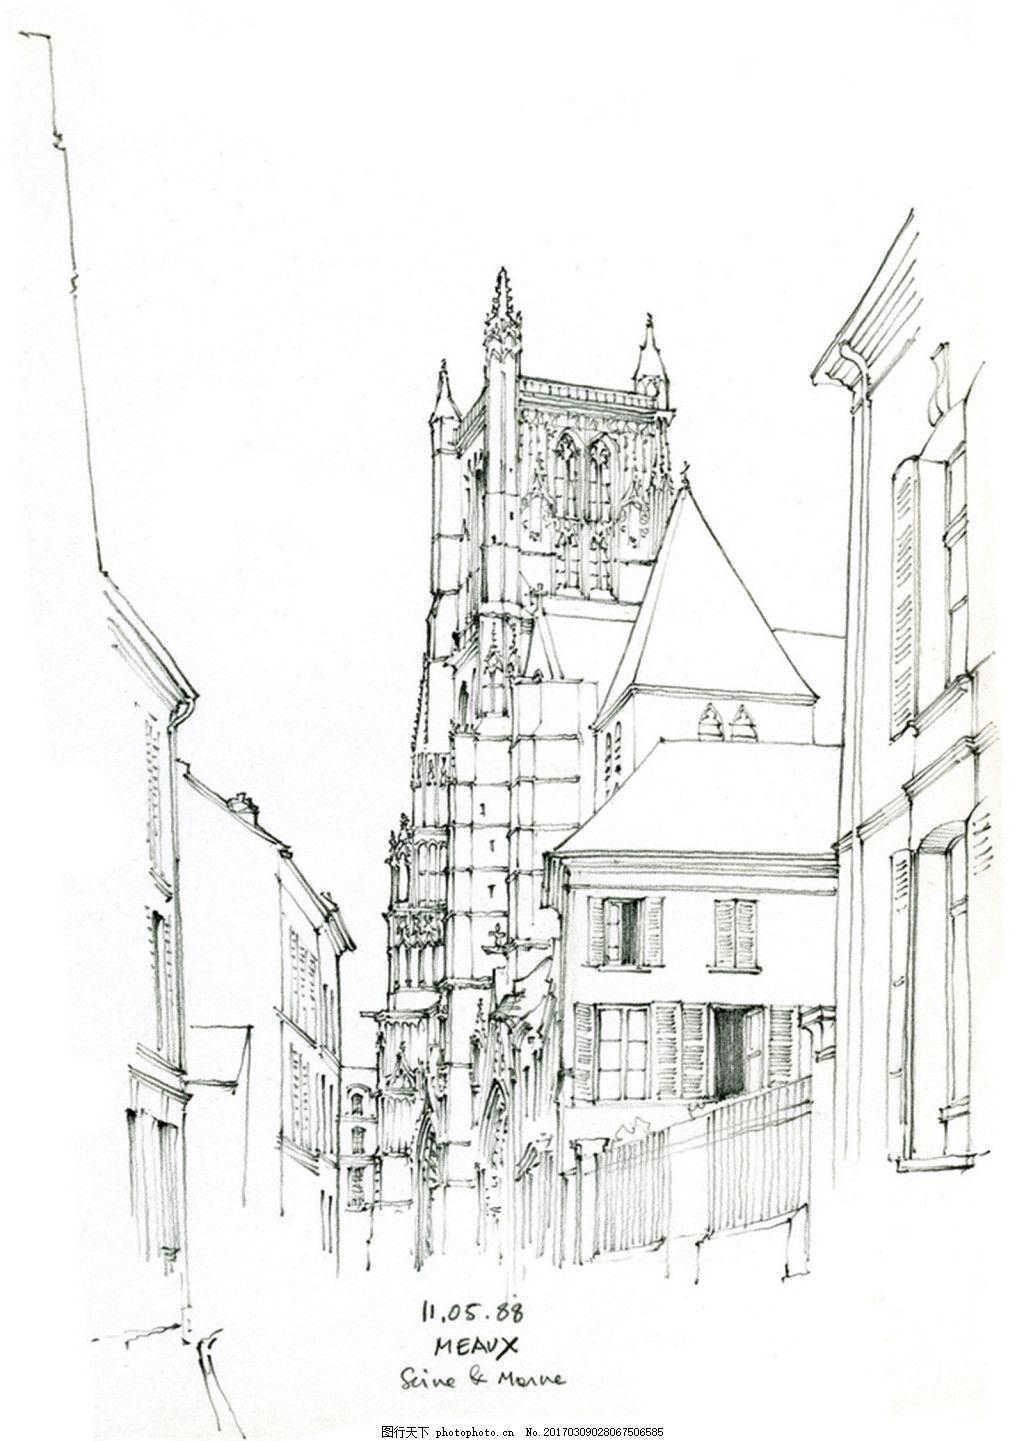 欧式建筑效果手绘图